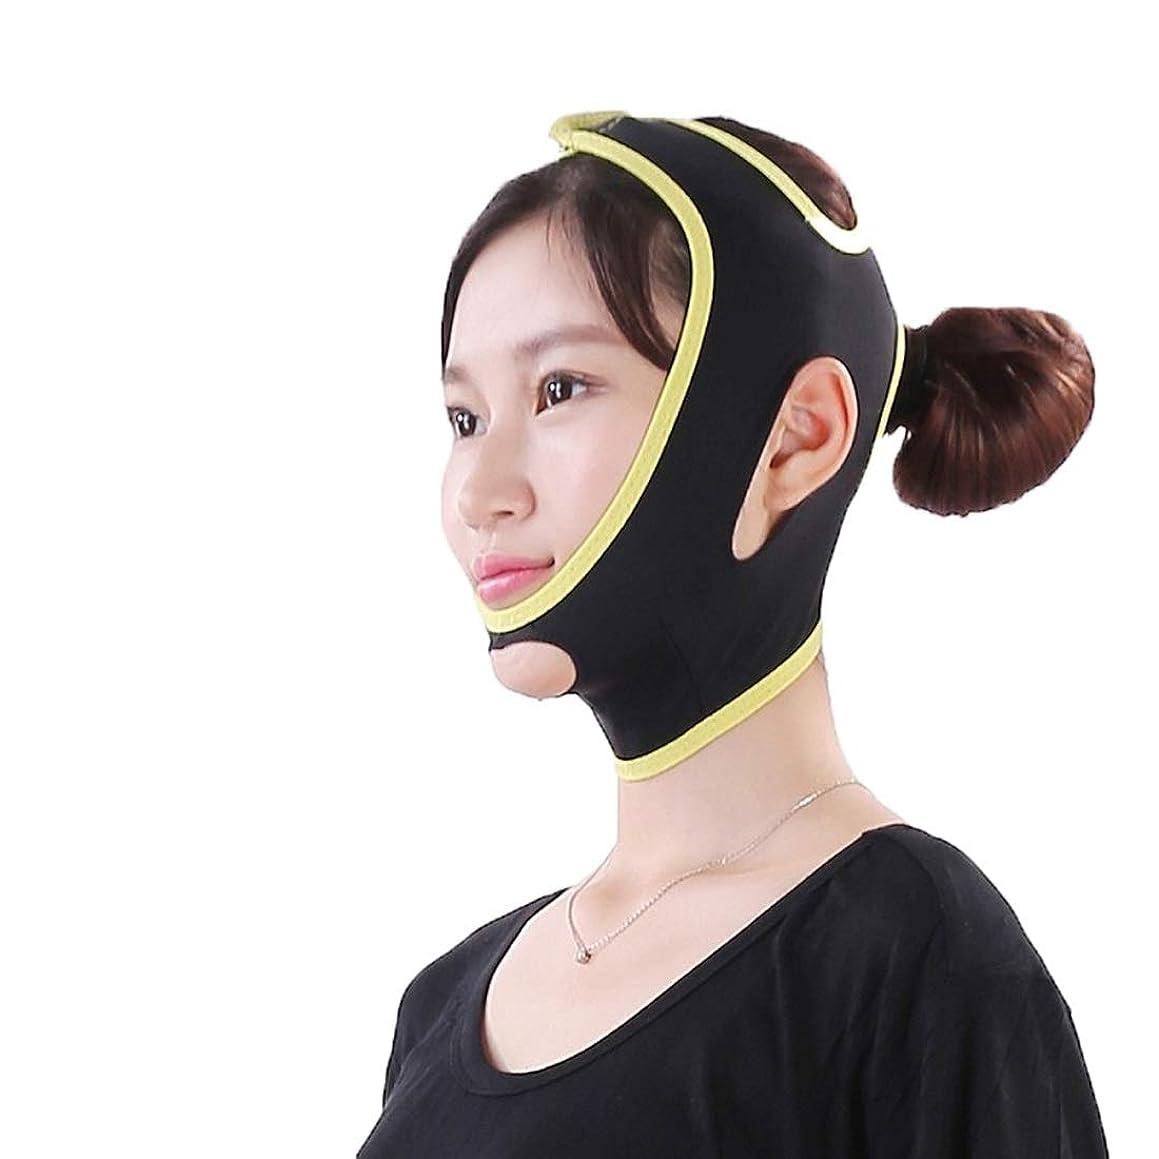 勤勉ベット意気消沈したZWBD フェイスマスク, 薄型フェイス包帯小型Vフェイス包帯薄型フェイスマスクリフティングハンギングイヤー通気性ビームフェイスマスクブラック